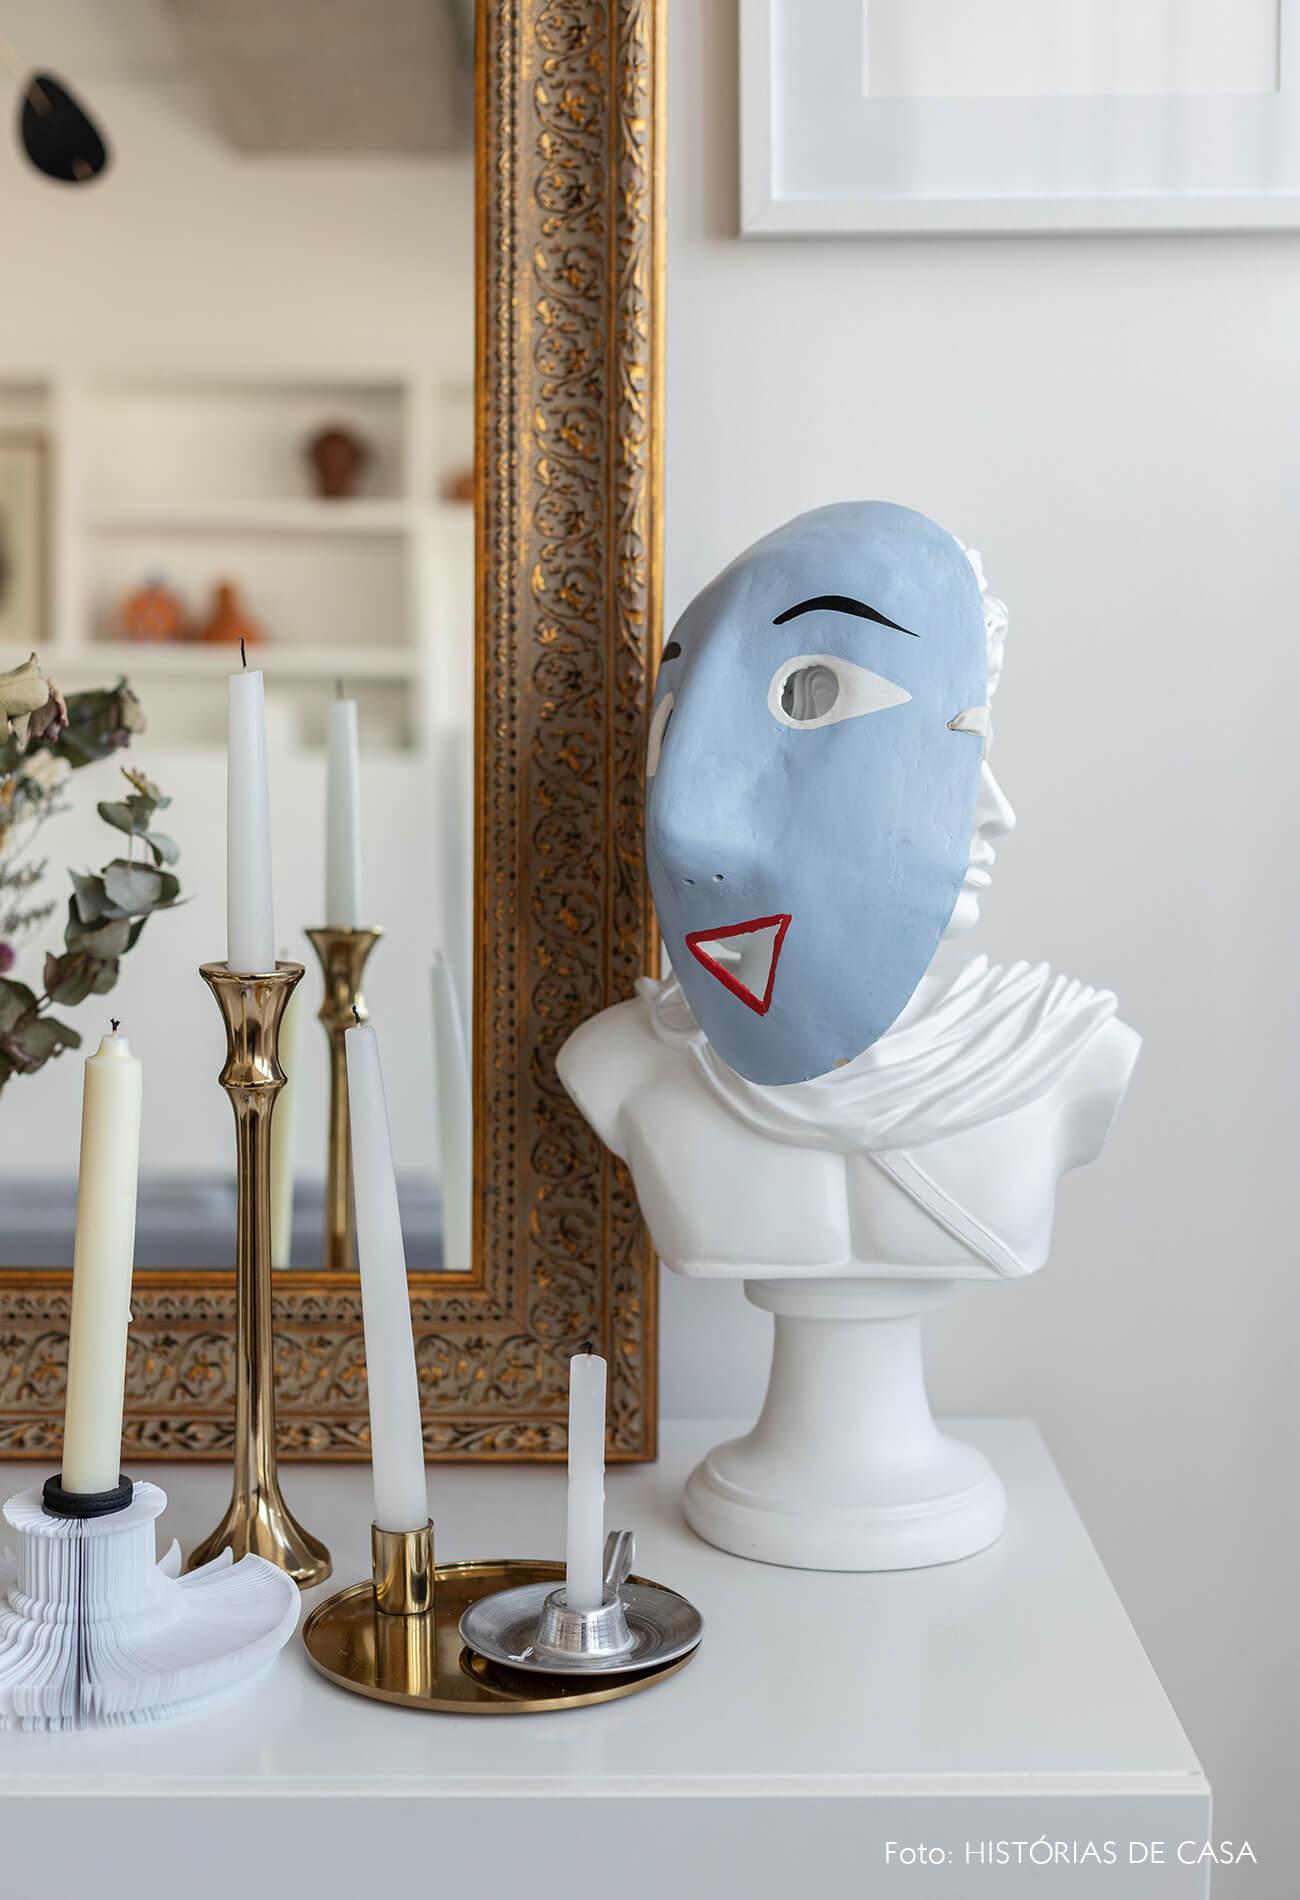 decoração detalhes sala busto mascara